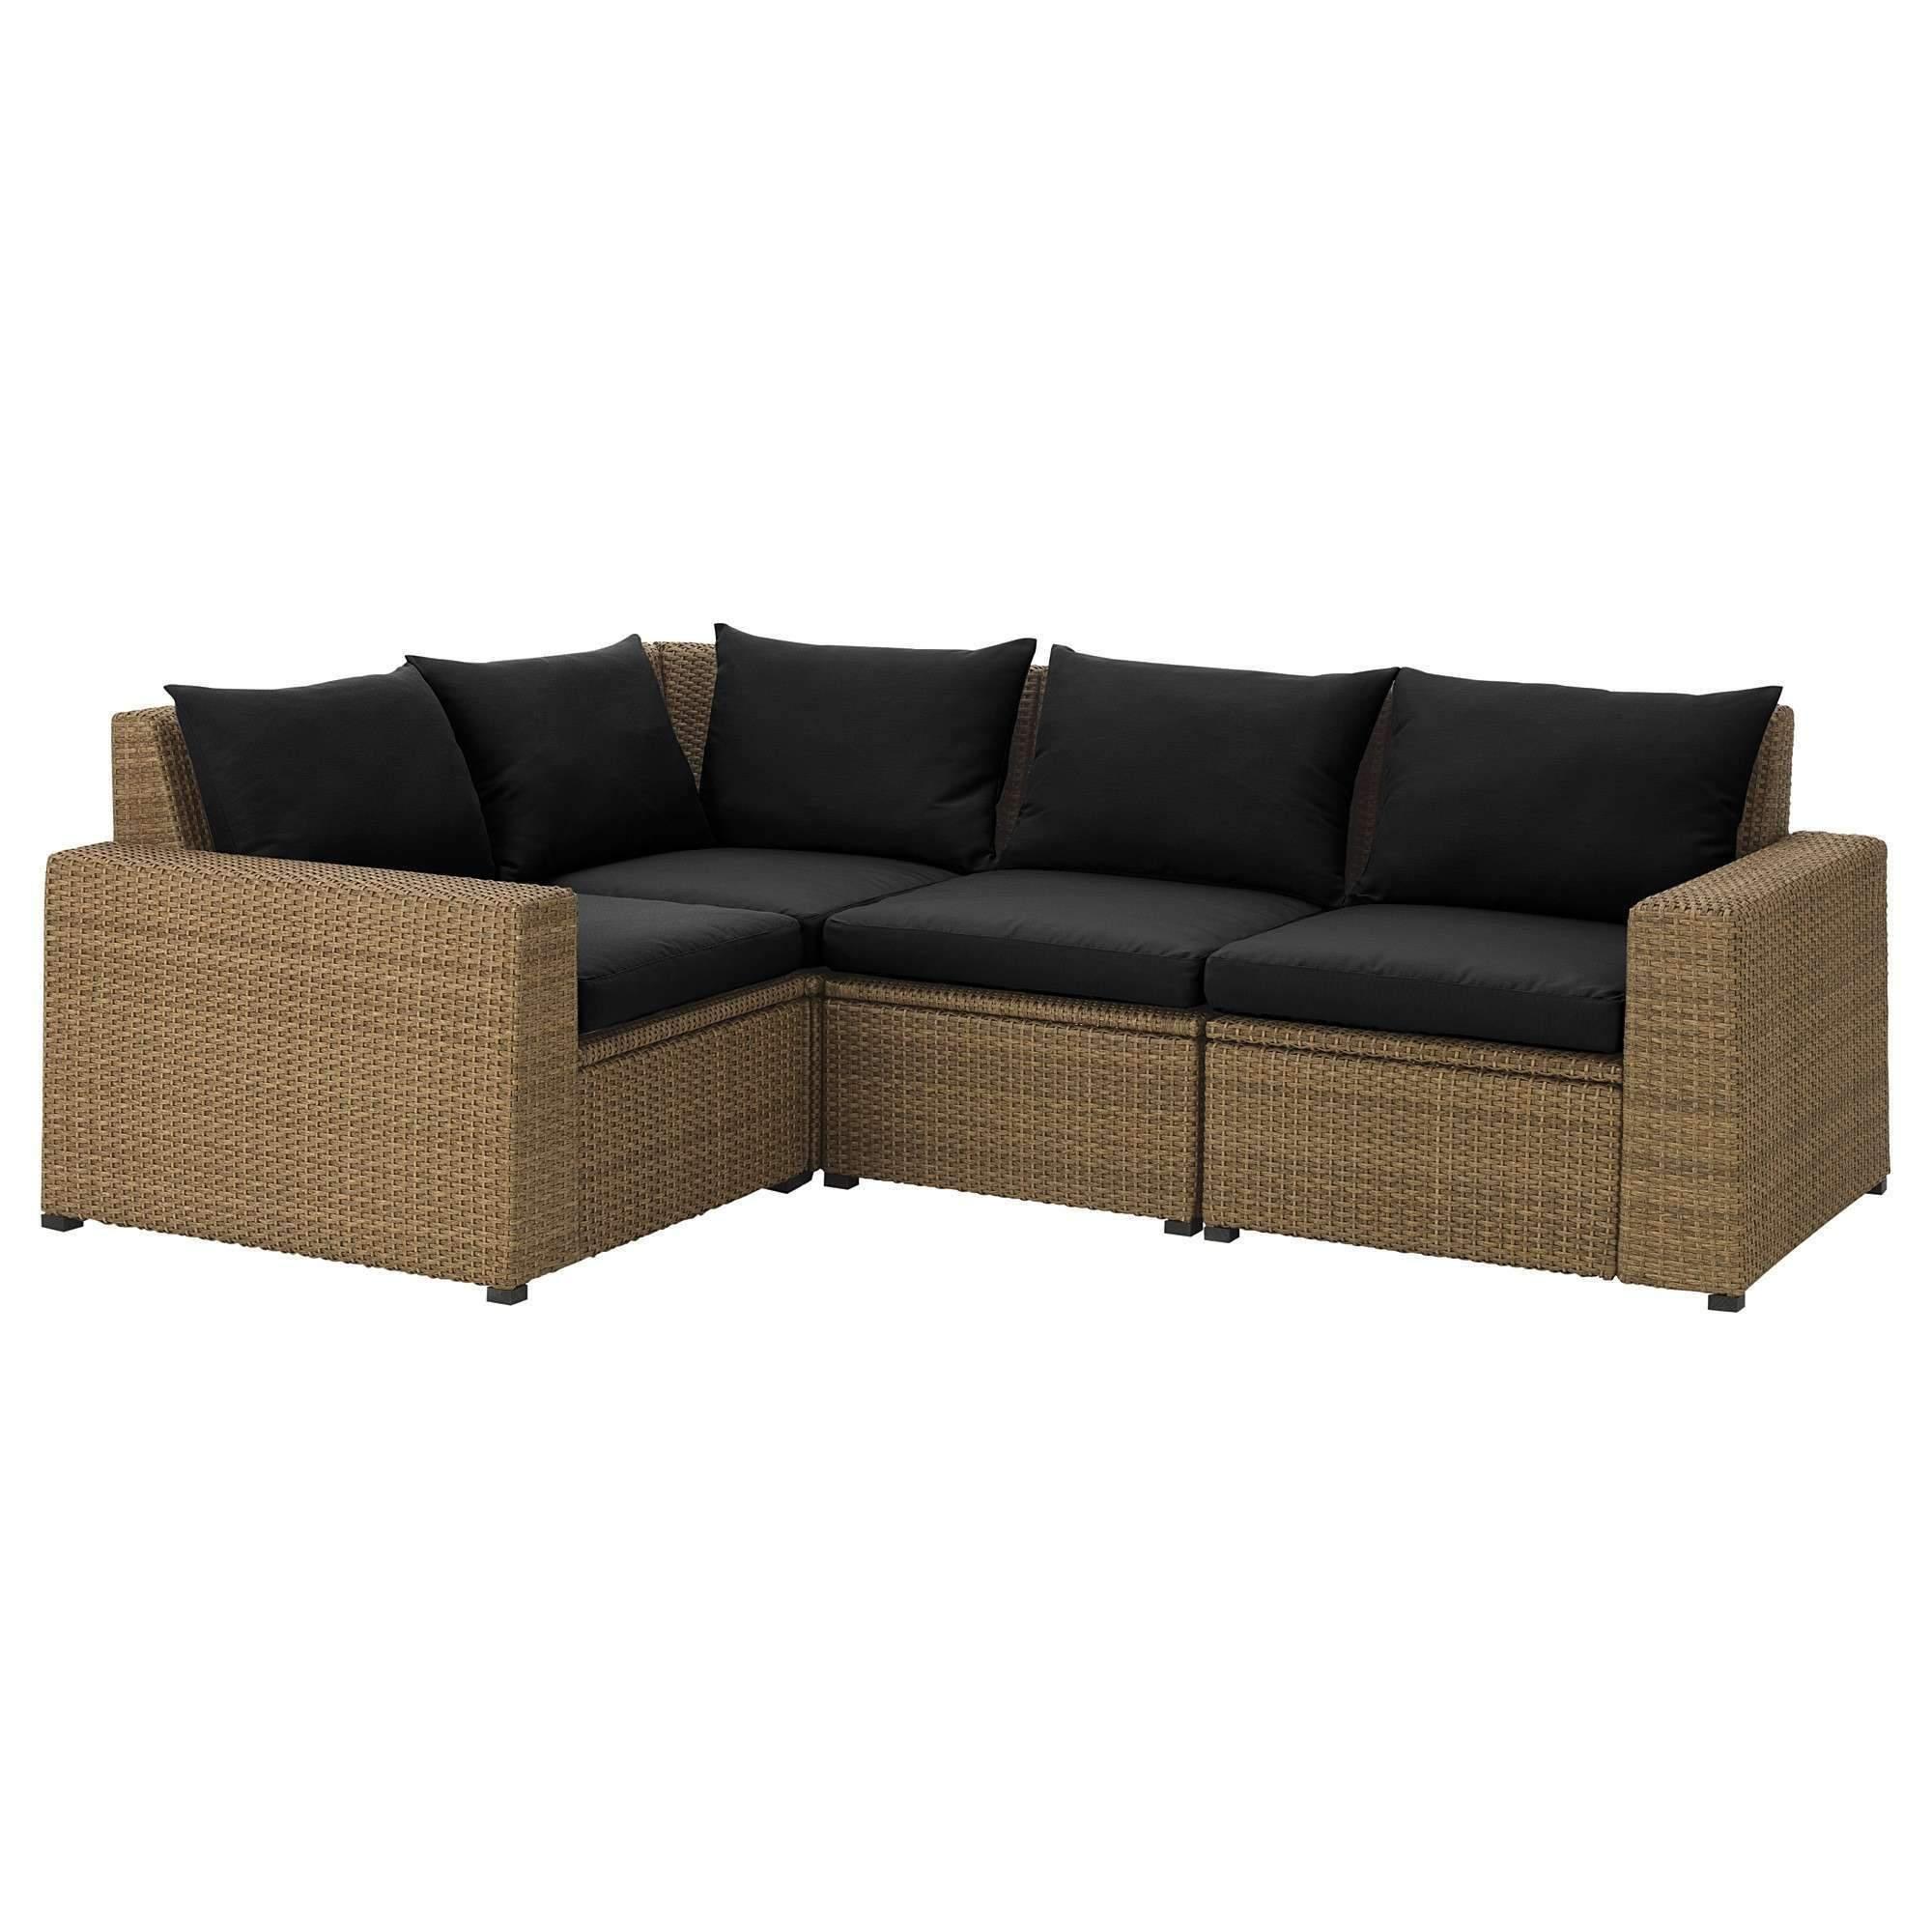 Full Size of Sitzbank Wohnzimmer Das Beste Von Inspirierend Ikea Küche Kosten Betten Bei Garten Sofa Mit Schlaffunktion Lehne Modulküche Bad 160x200 Kaufen Bett Wohnzimmer Ikea Sitzbank